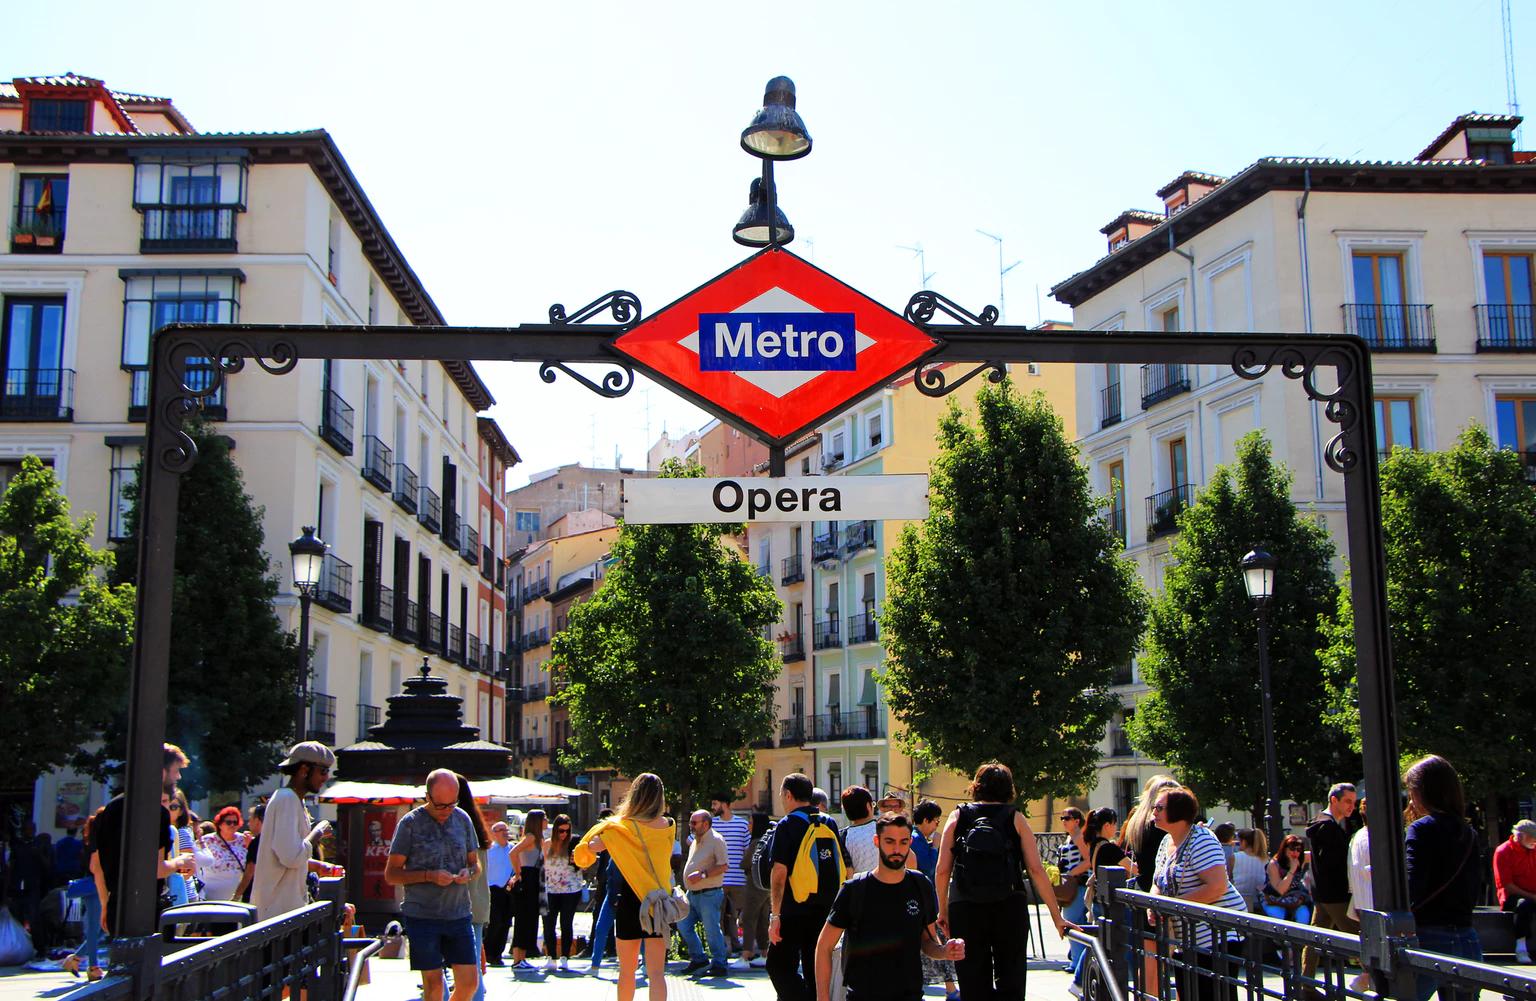 Cómo viajar en tren de Murcia a Madrid al menor precio